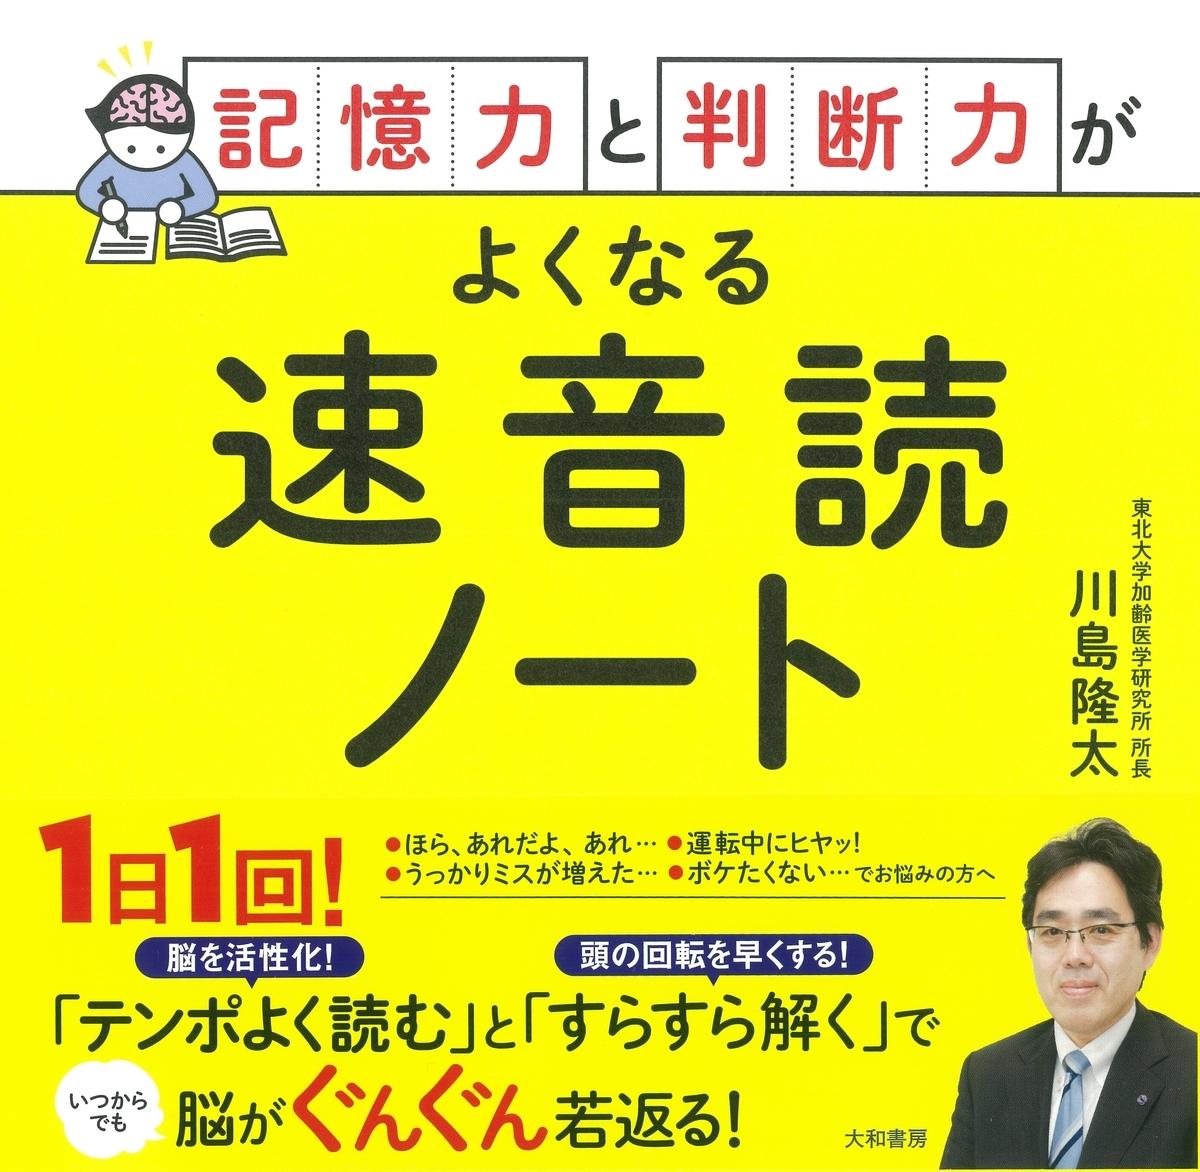 f:id:mojiru:20200110083052j:plain